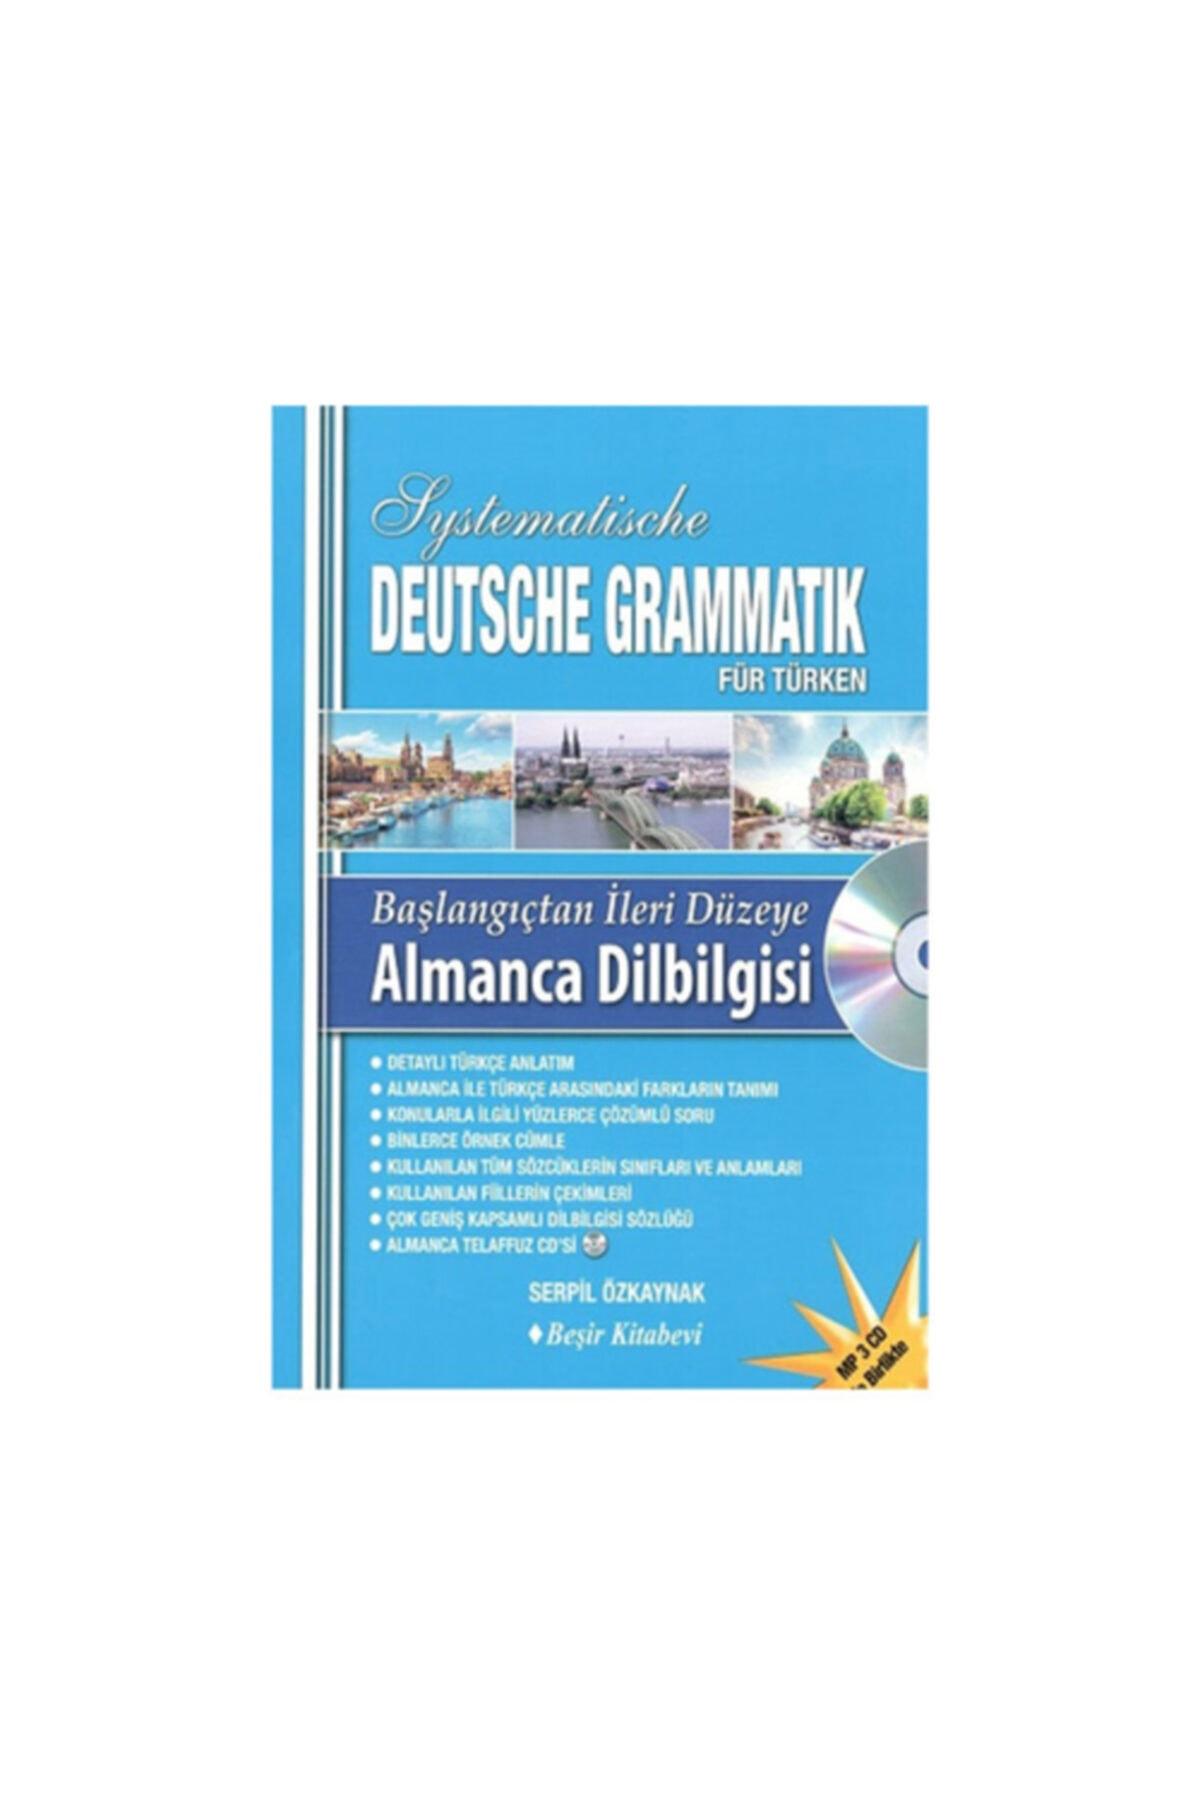 Beşir Kitabevi Başlangıçtan Ileri Düzeye Almanca Dil Bilgisi (cd)- S. Serpil Özkaynak - 1